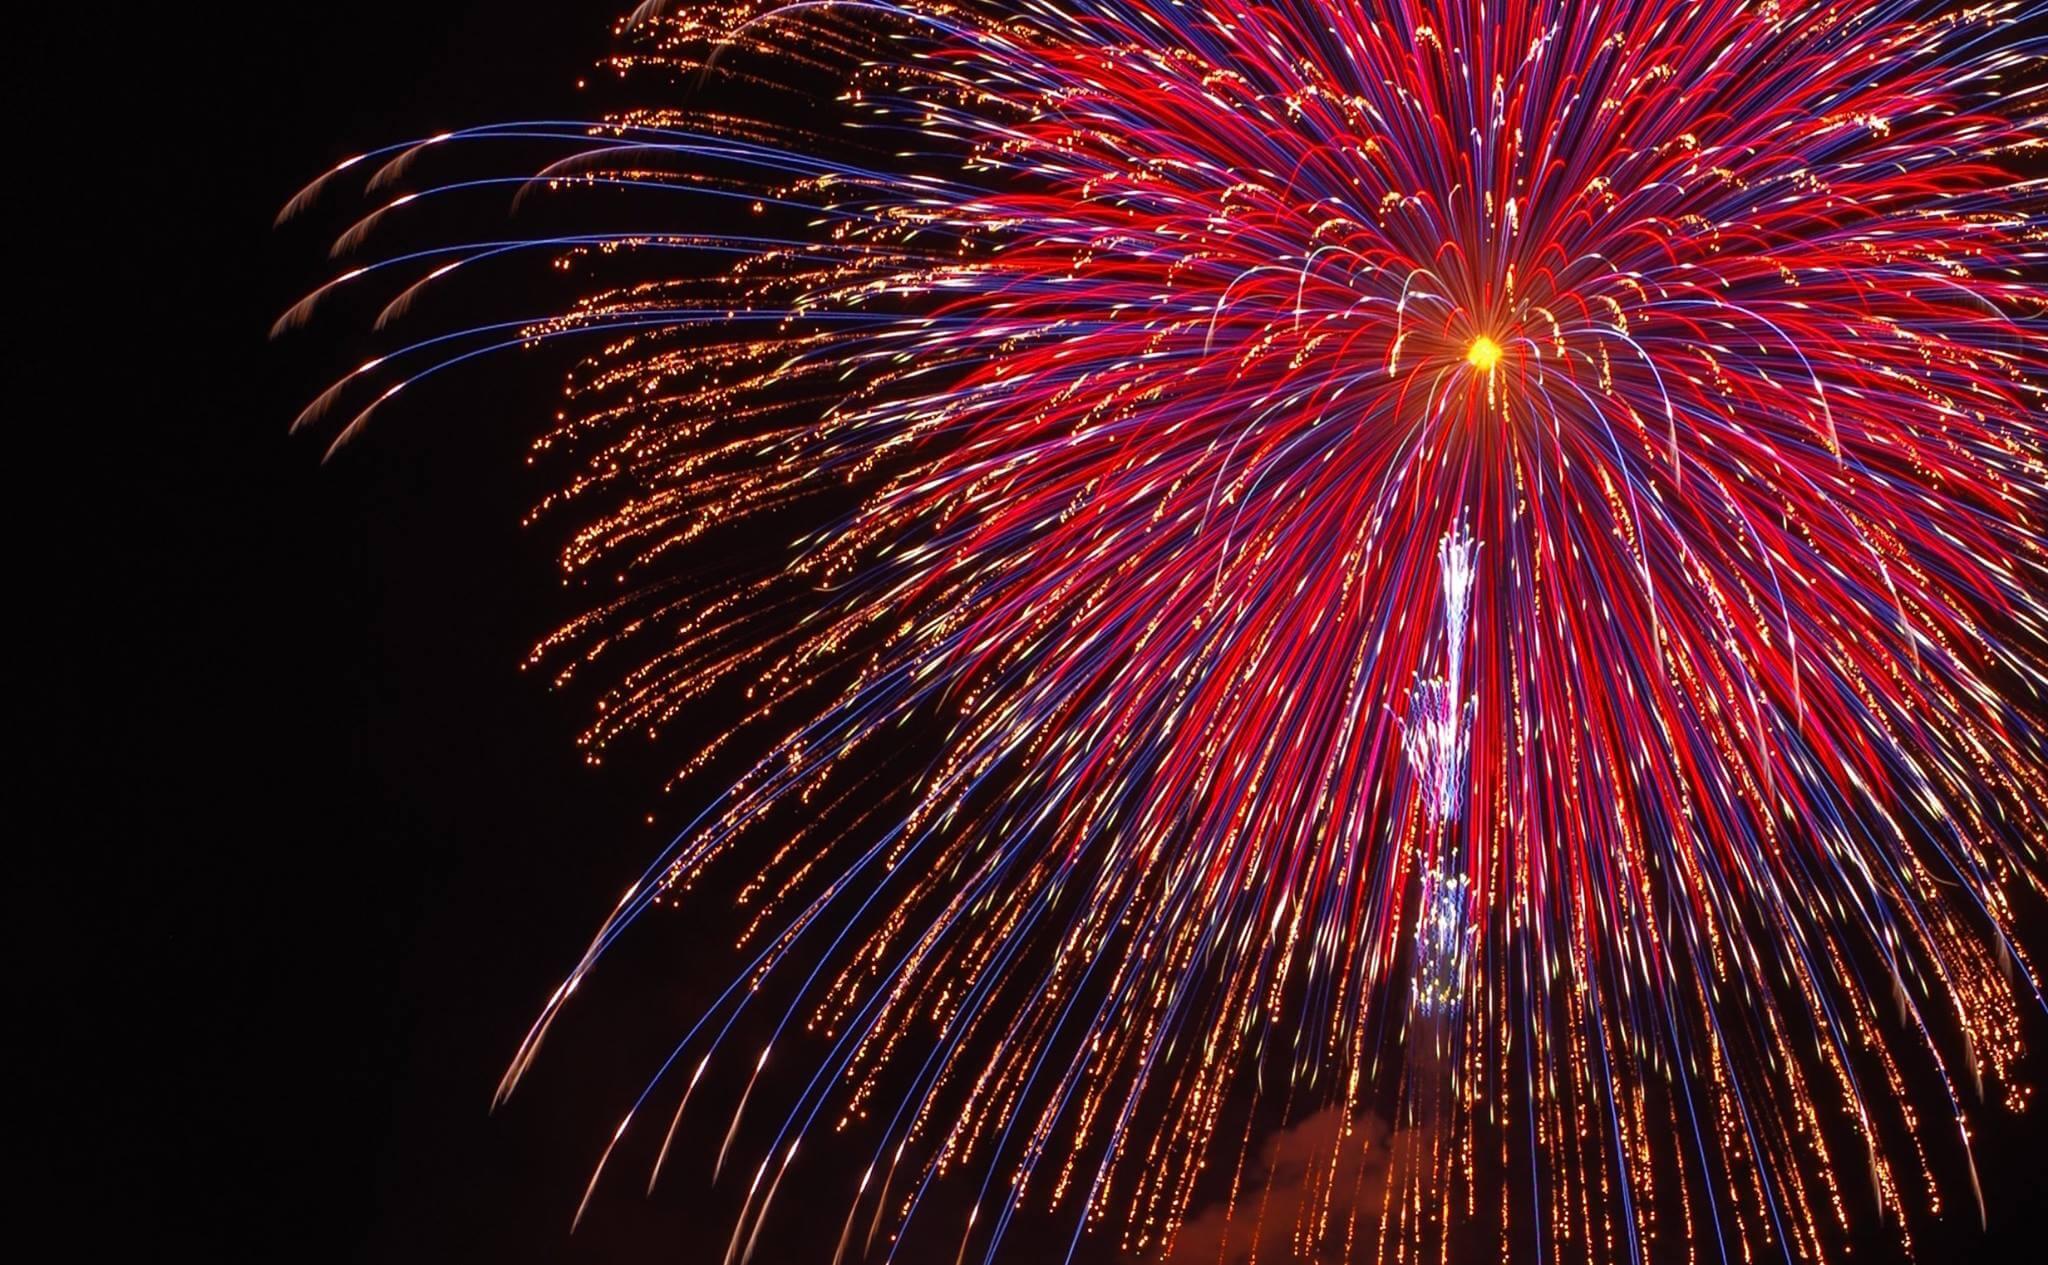 【7/7更新】夏の夜空を彩る熊本の花火大会2017まとめ。江津湖、八代だけじゃもったいない!